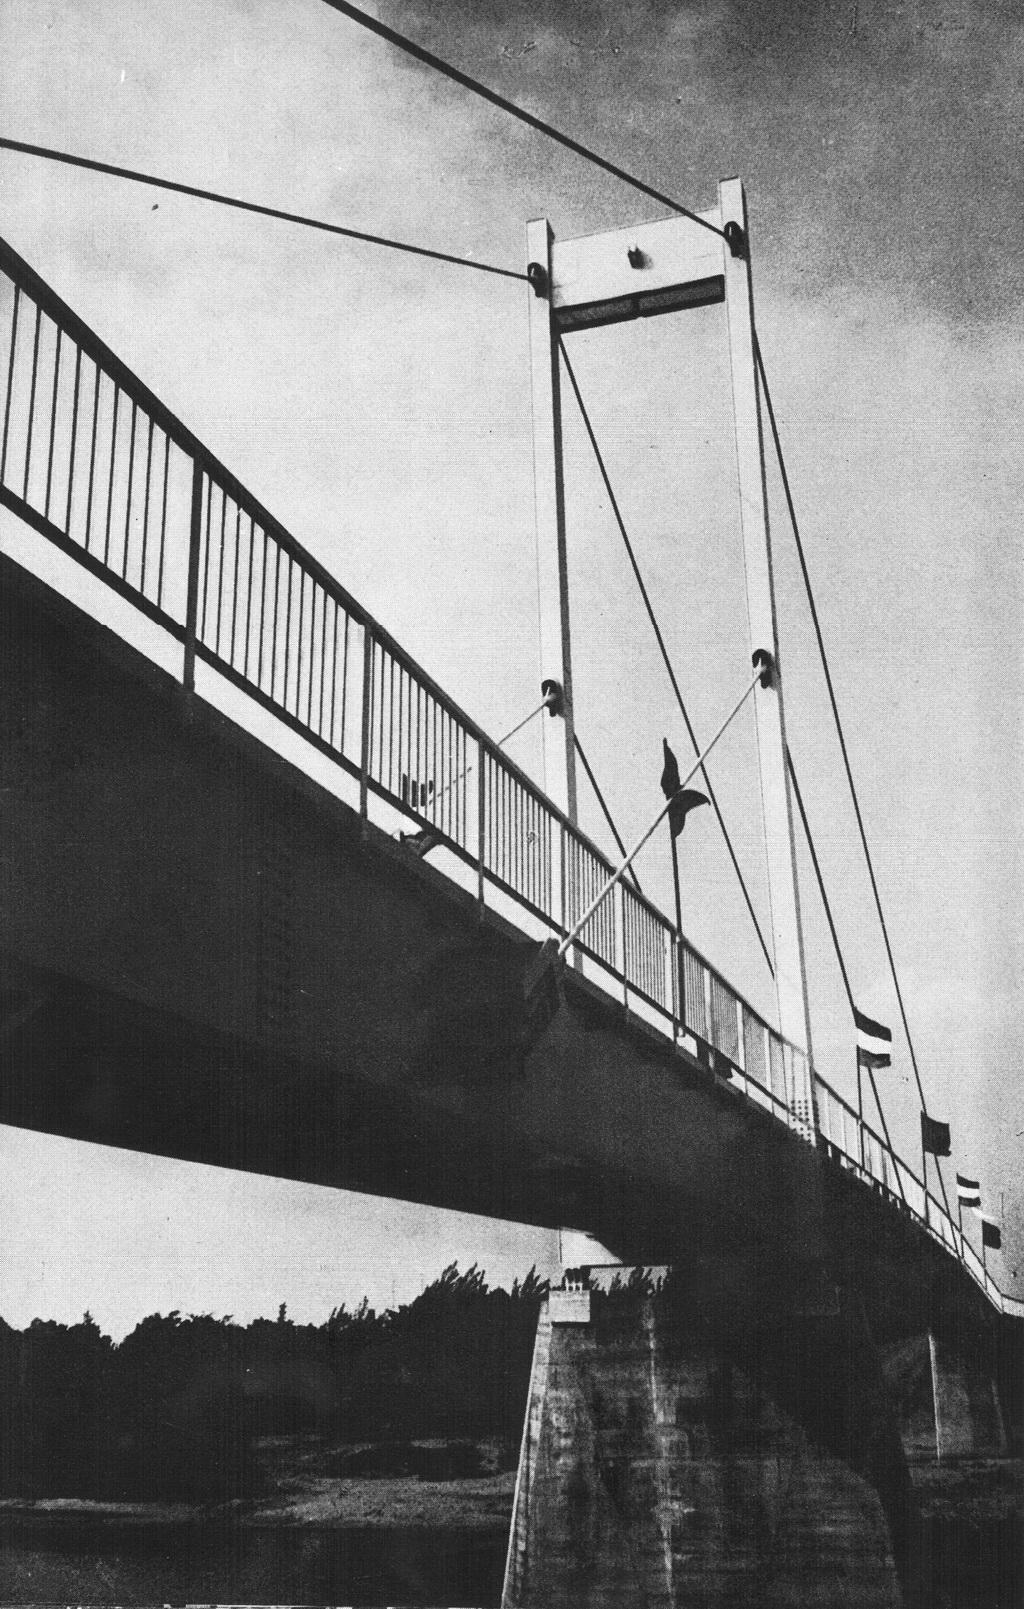 A Vásárhelyi Pál híd építéséhez 1969-ben az Erzsébet híd maradék kábelanyagát is felhasználták. (fotó: 700 éves Győr, Képeskönyv)